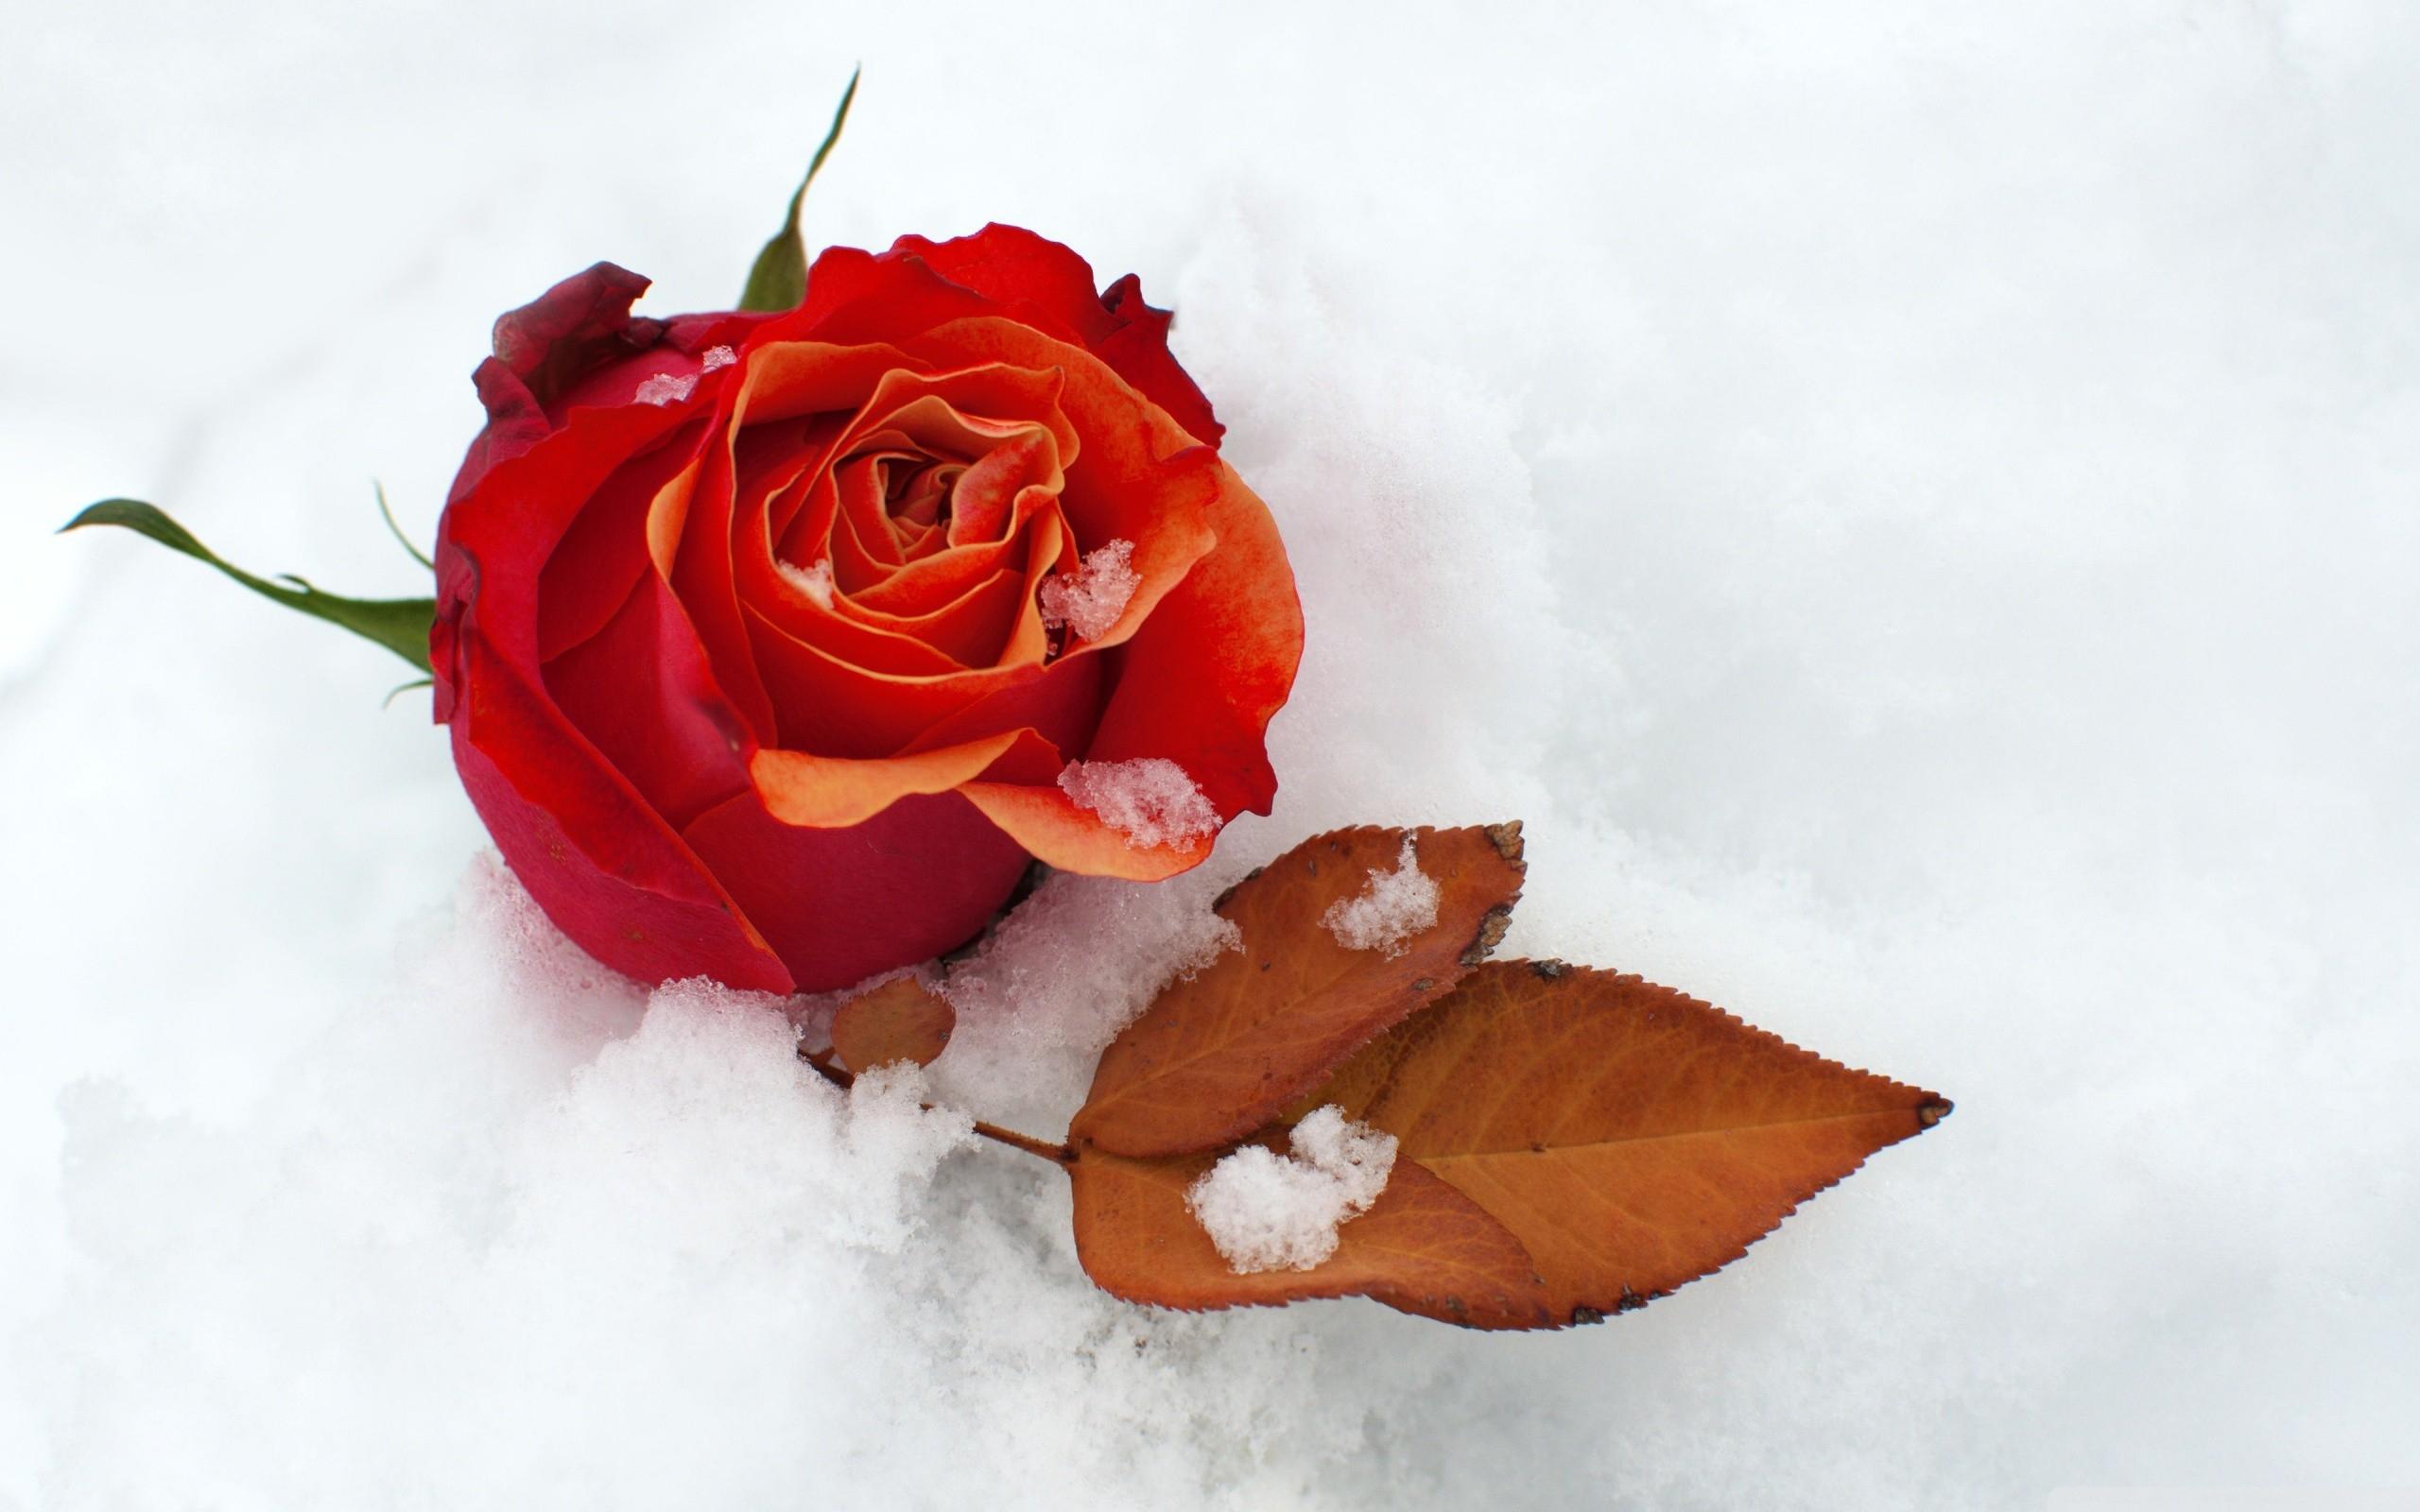 Картинки цветы на снегу красивые